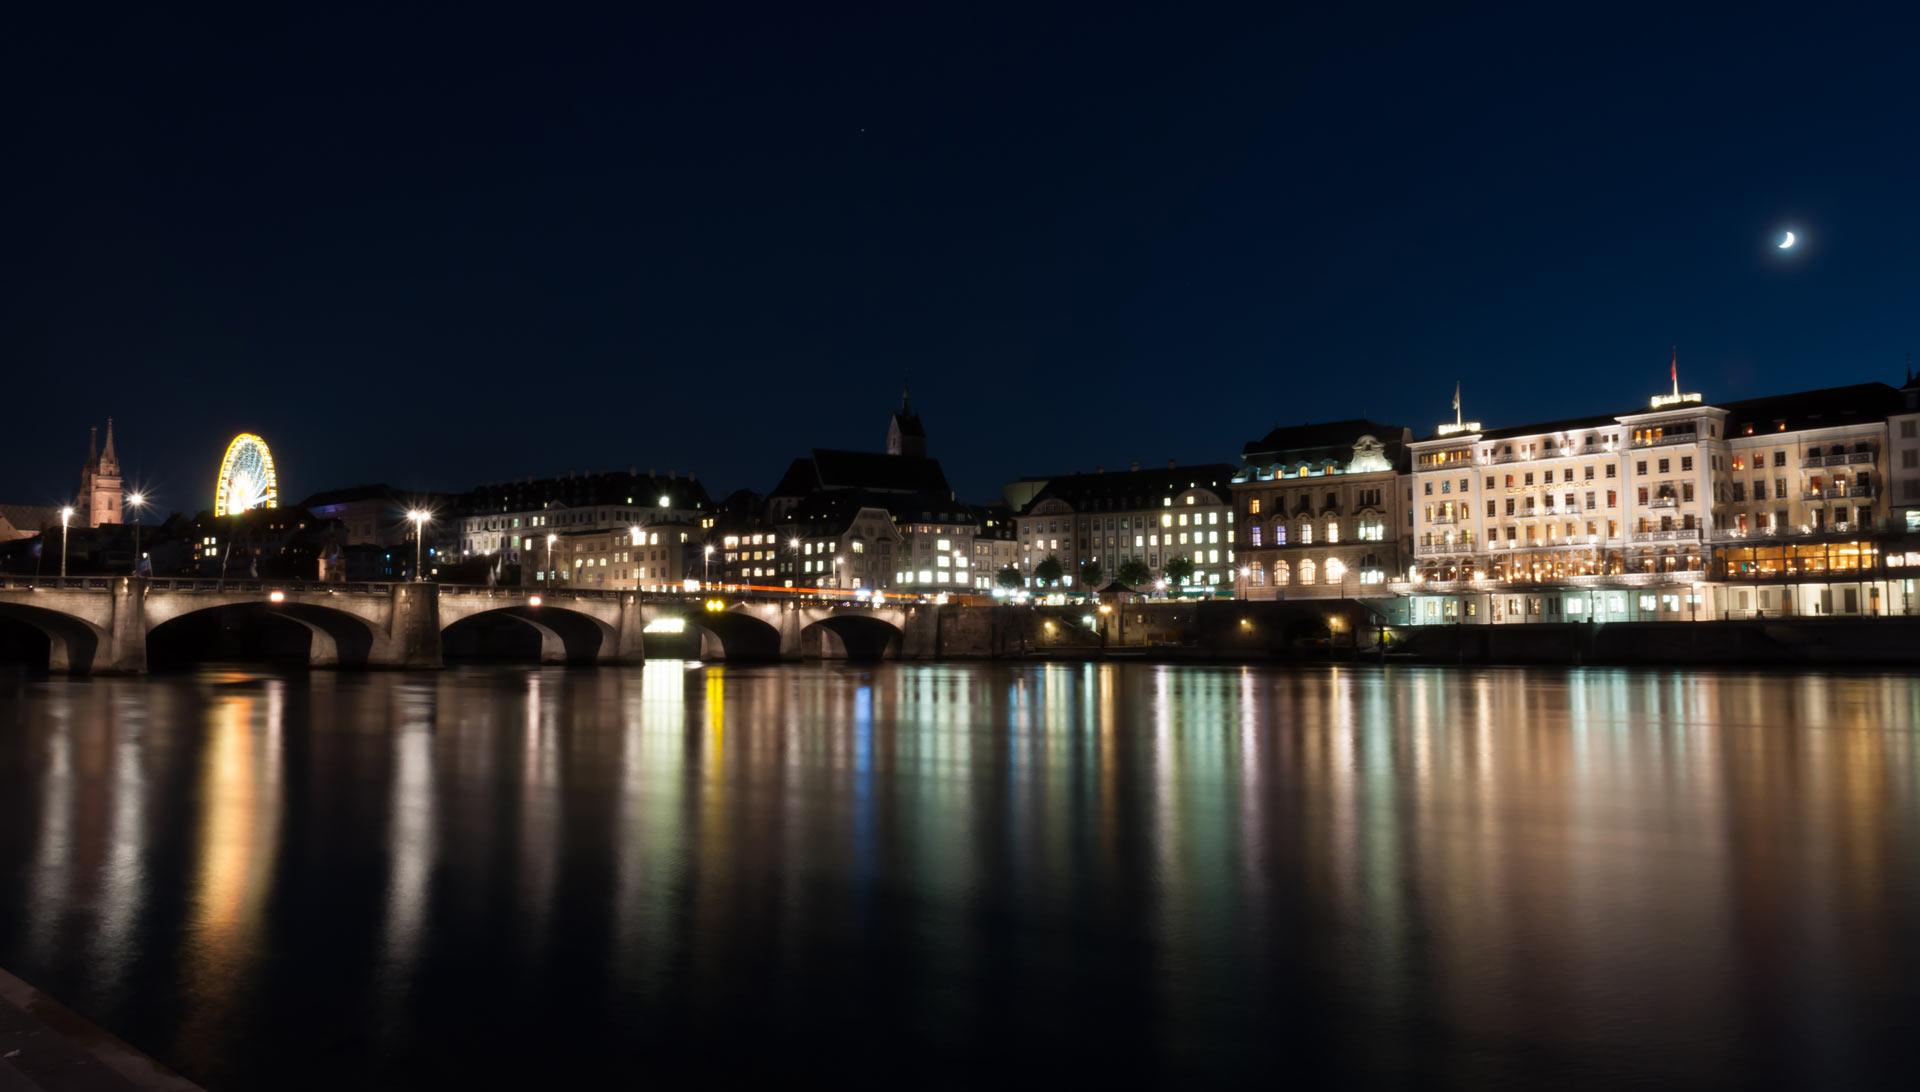 Basel Langzeitbelichtung Rhein 4 - Contact